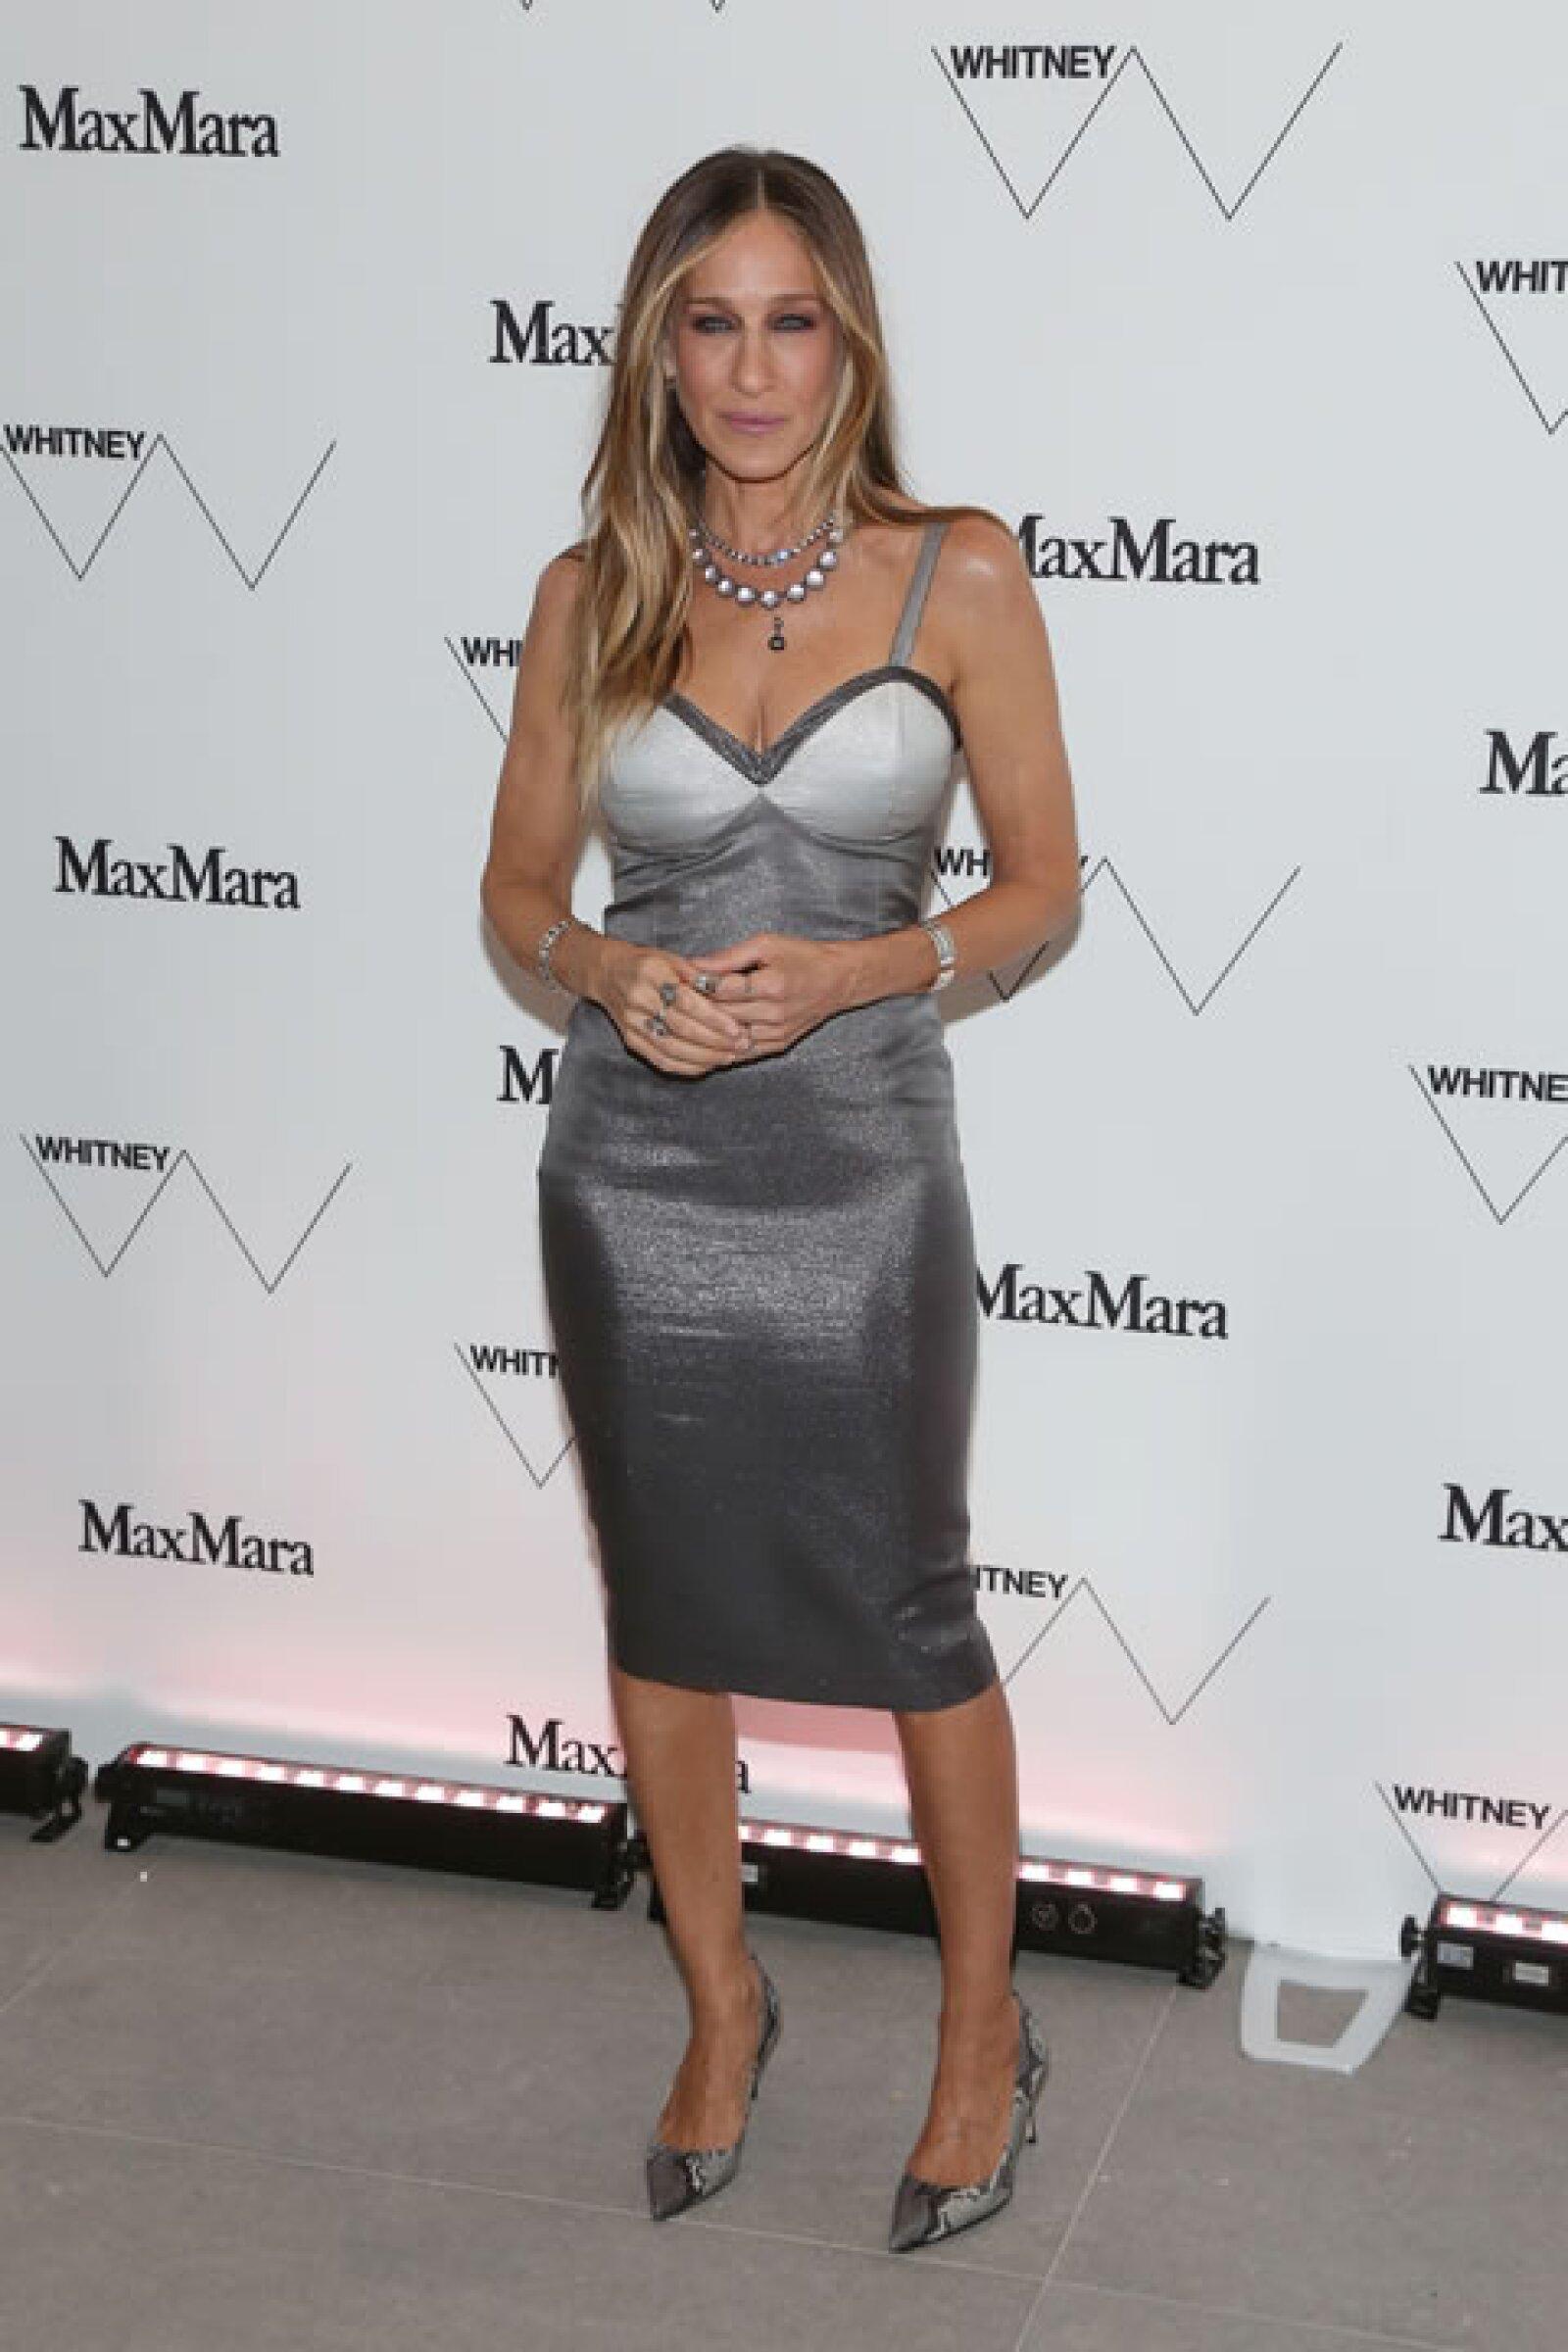 El estilo es algo característico en Sarah Jessica Parker y la moda es parte de su vida.